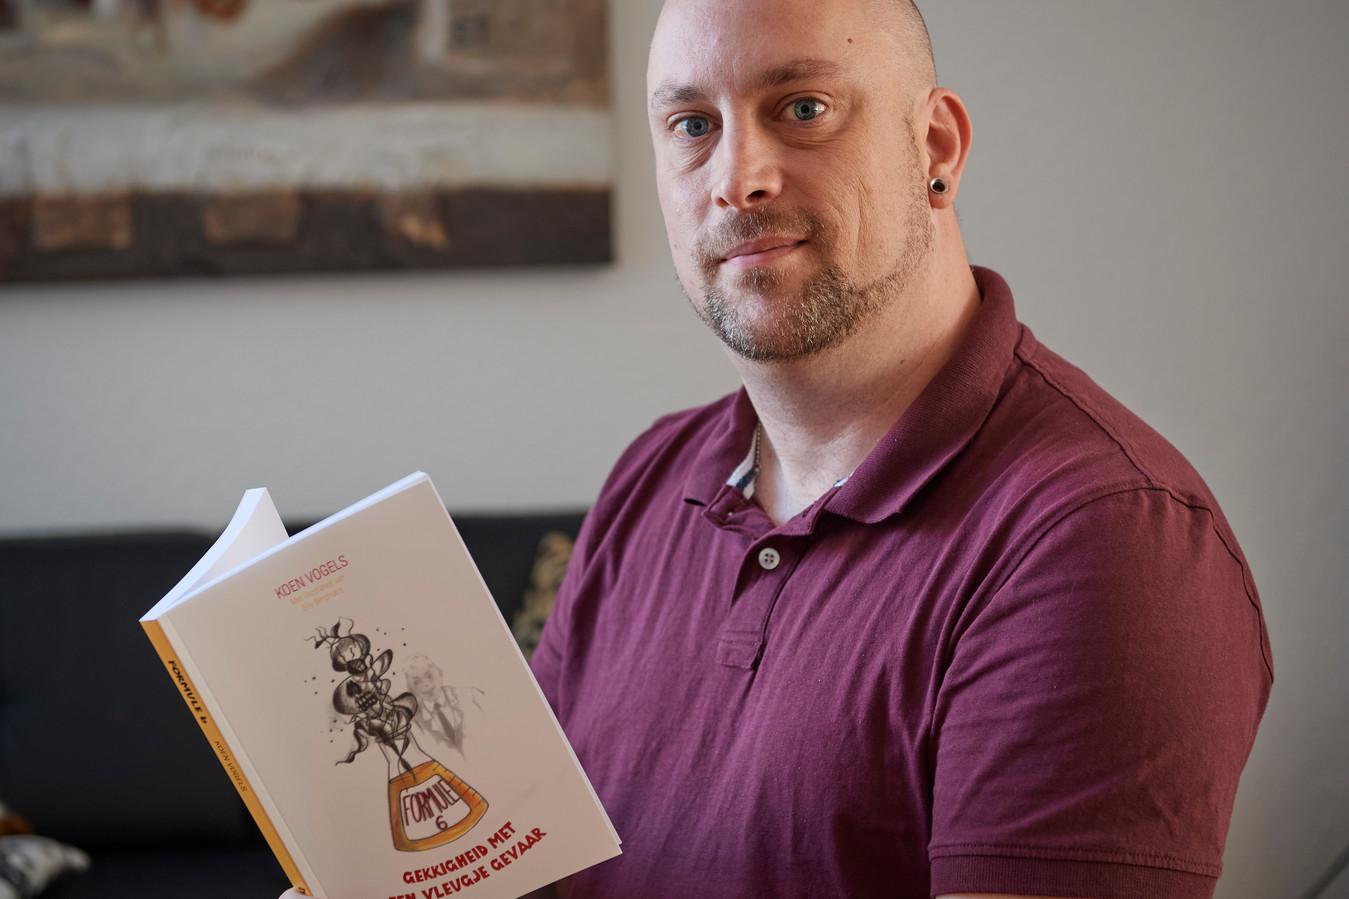 Koen Vogels geeft les op de John F. Kennedyschool in Oss en schreef een kinderboek.